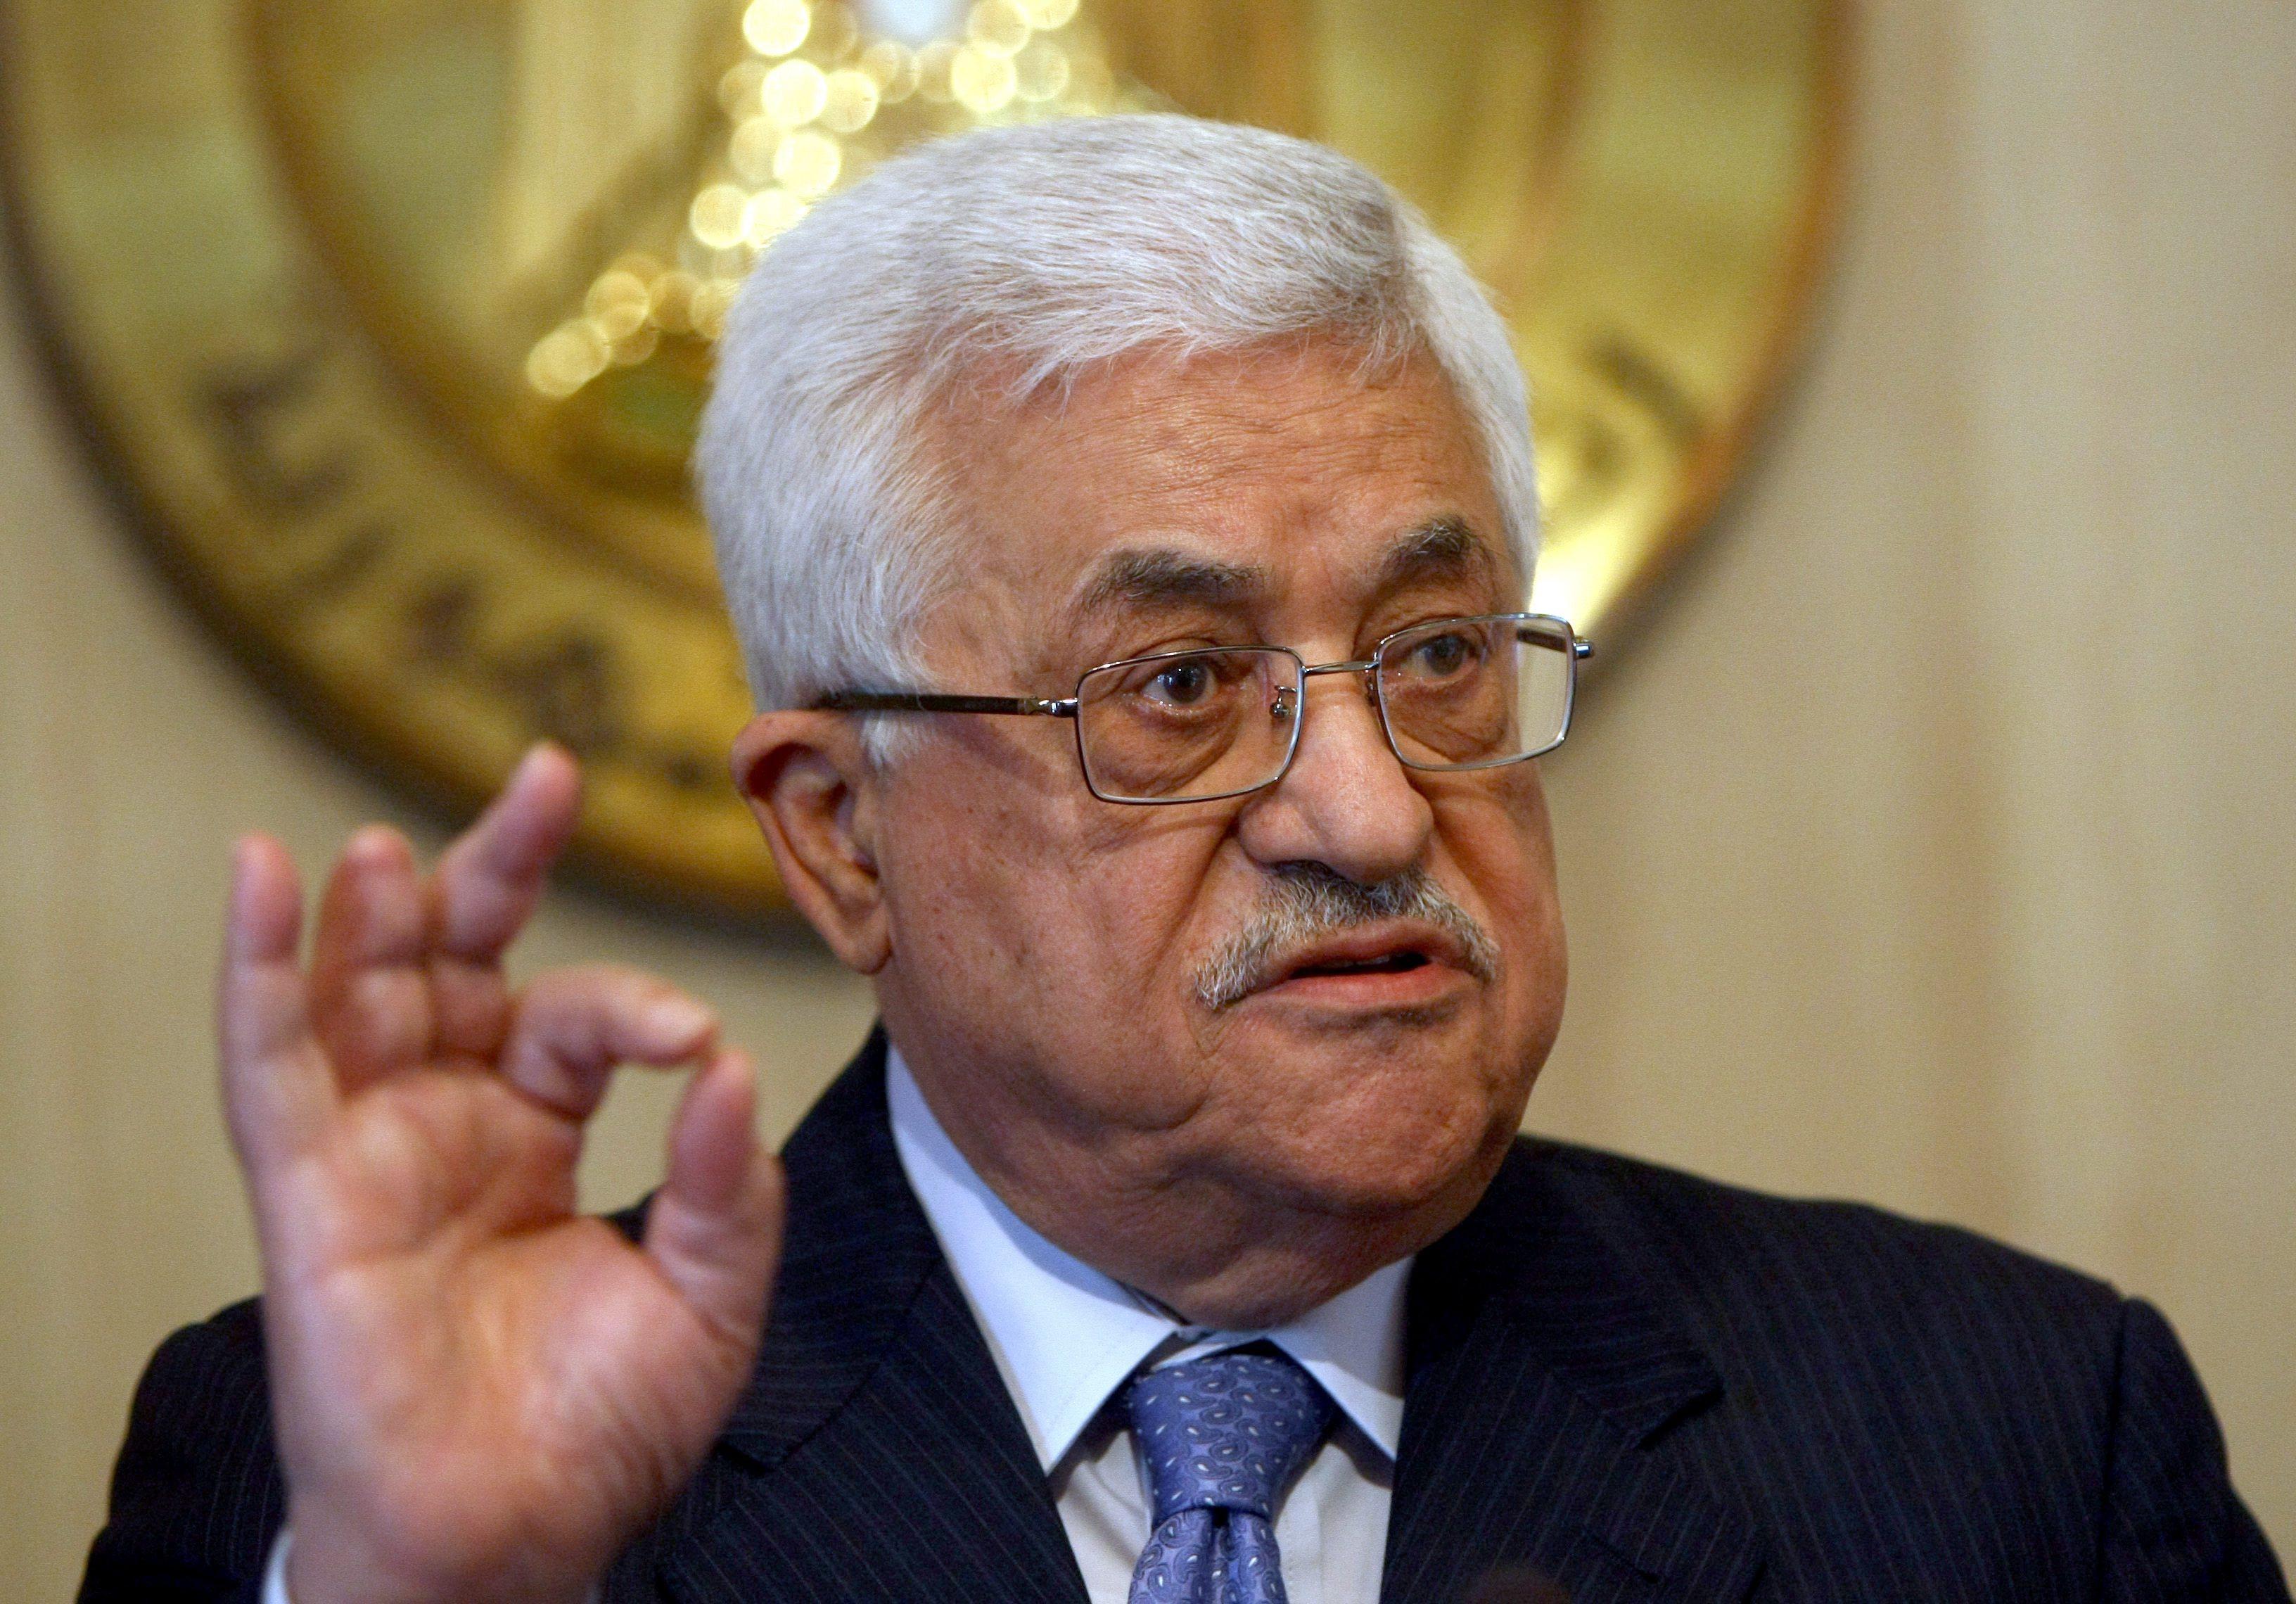 محمود عباس: تصویب قطعنامه حمایت از فلسطینیان در مجمع عمومی پیروزی حقانیت فلسطین بود